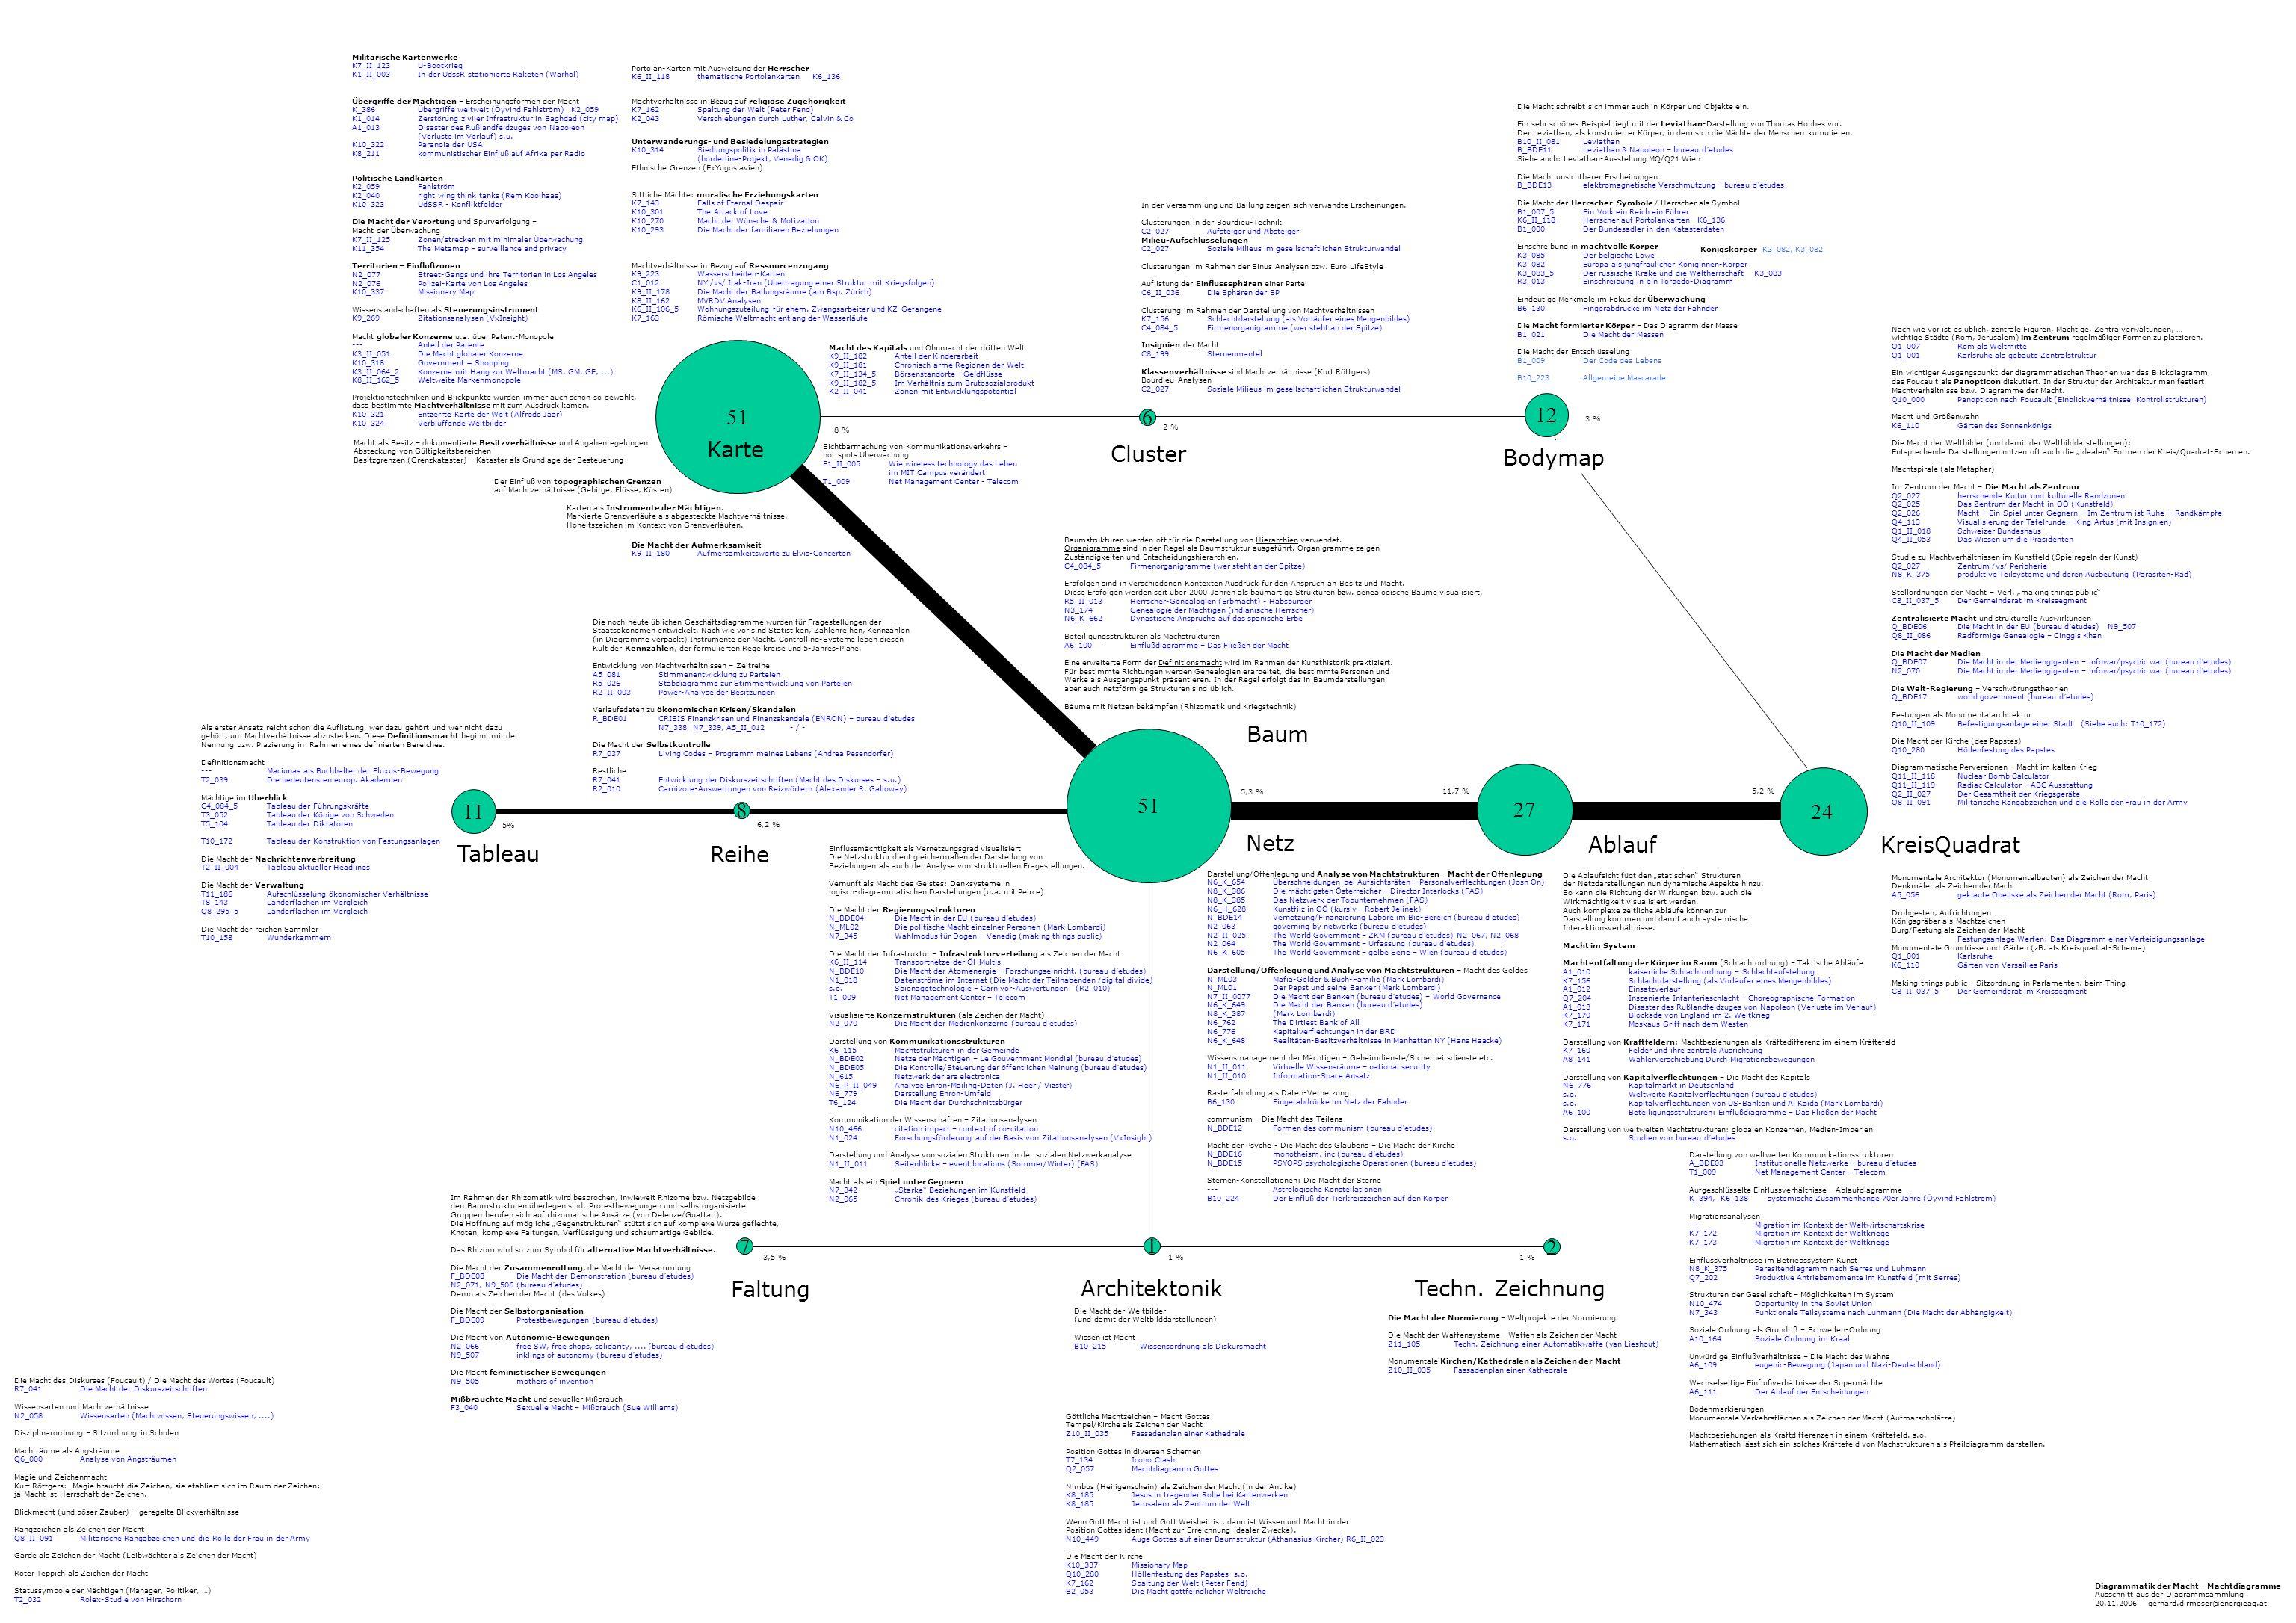 51 12 6 Karte Cluster Bodymap Baum 51 27 24 11 8 Netz Ablauf